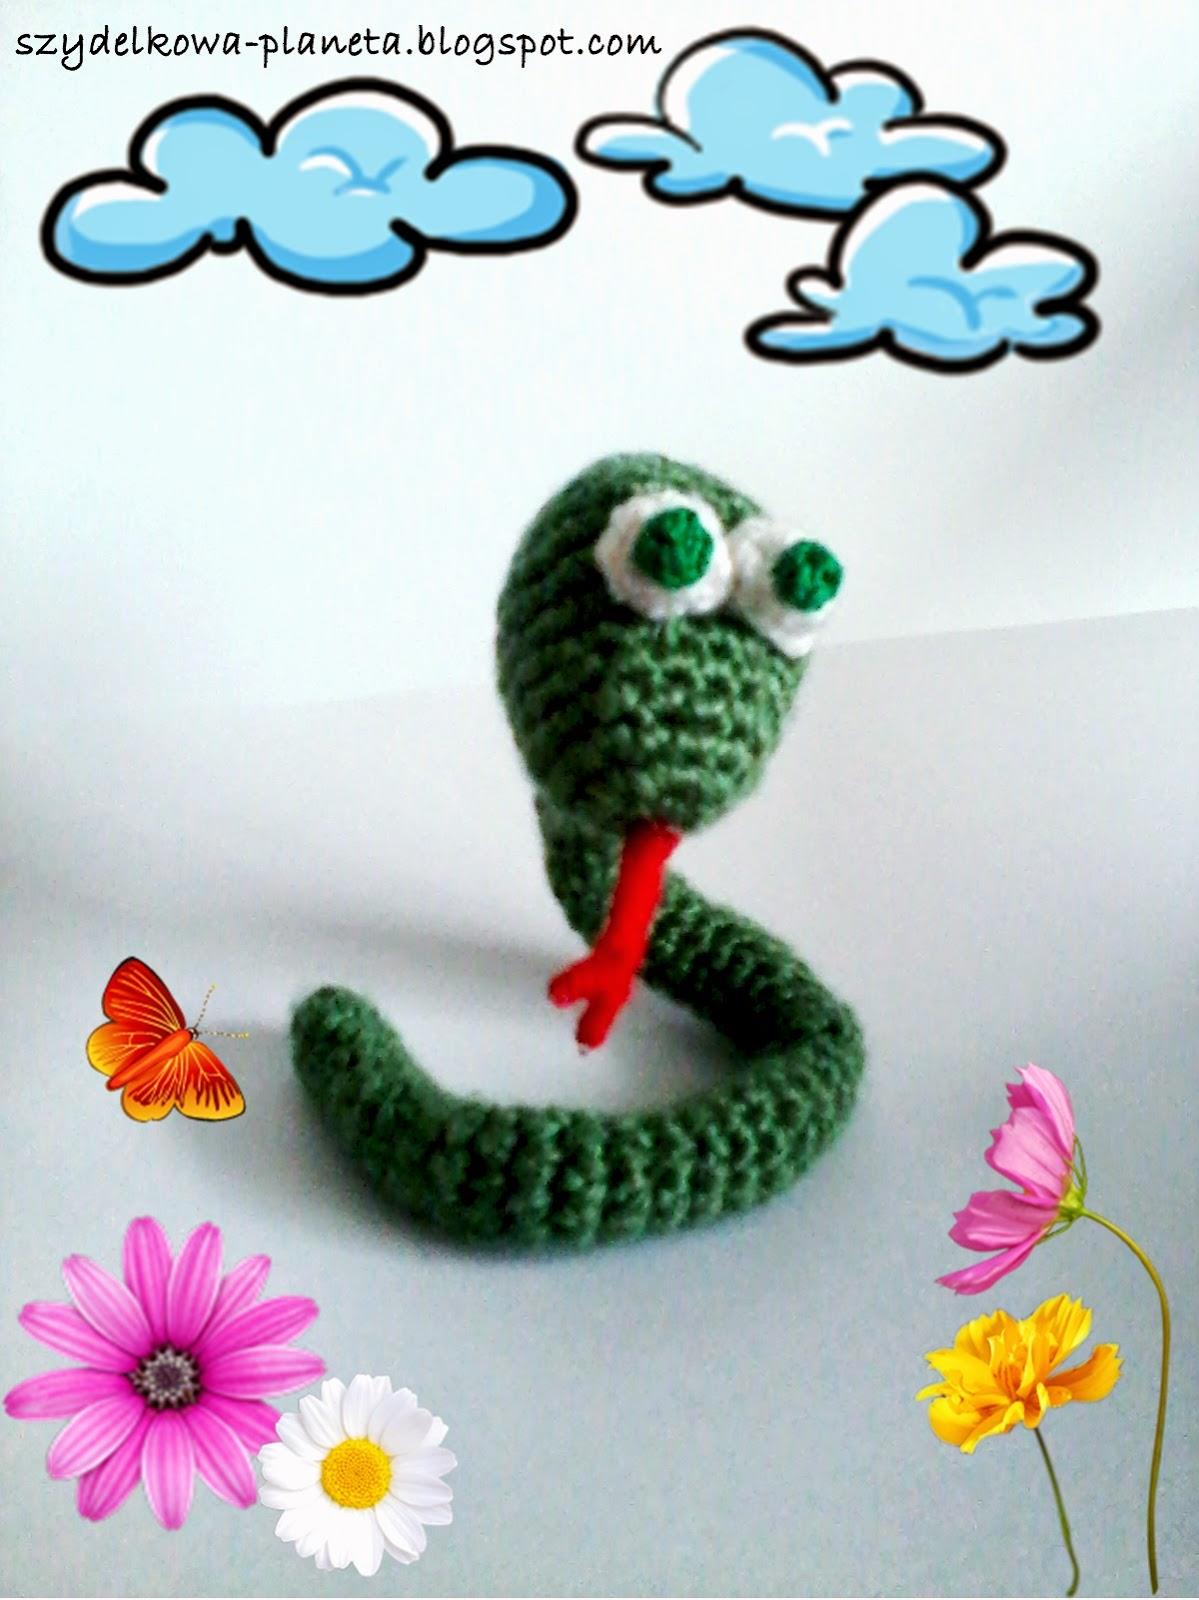 wąż na szydełku